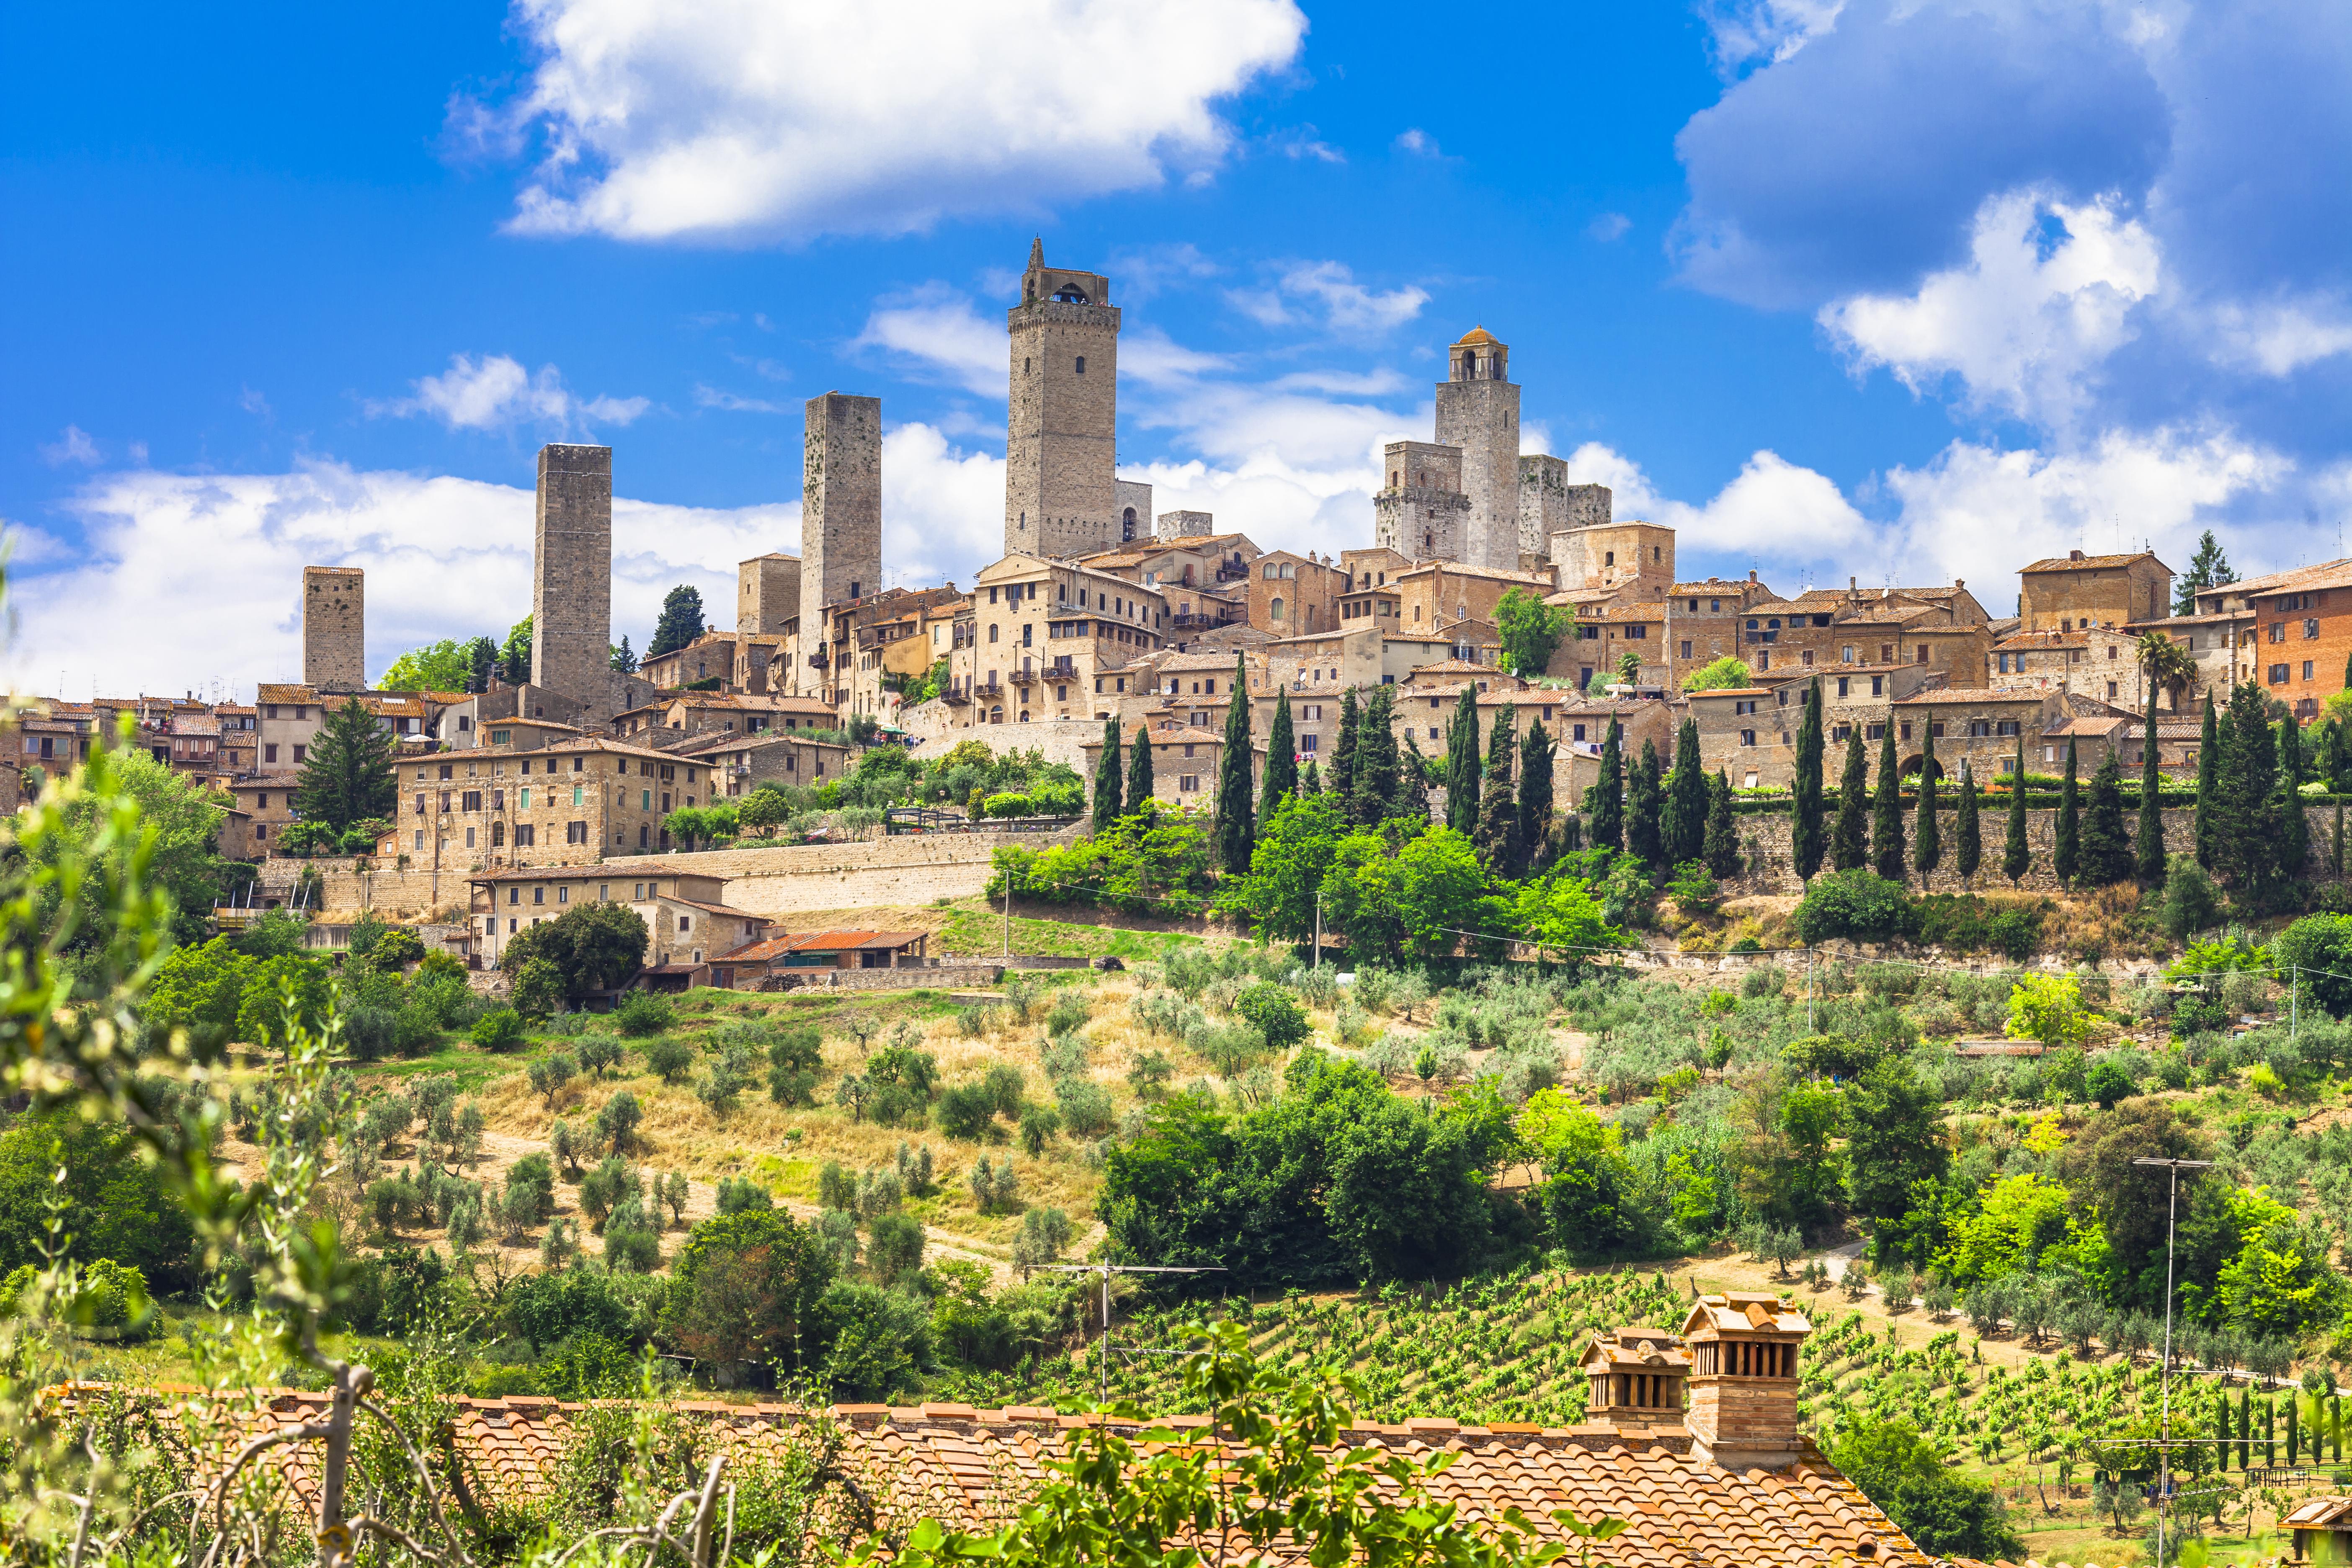 San Gimignano, joya medieval de la Toscana - Italia Circuito Lo mejor de la Toscana